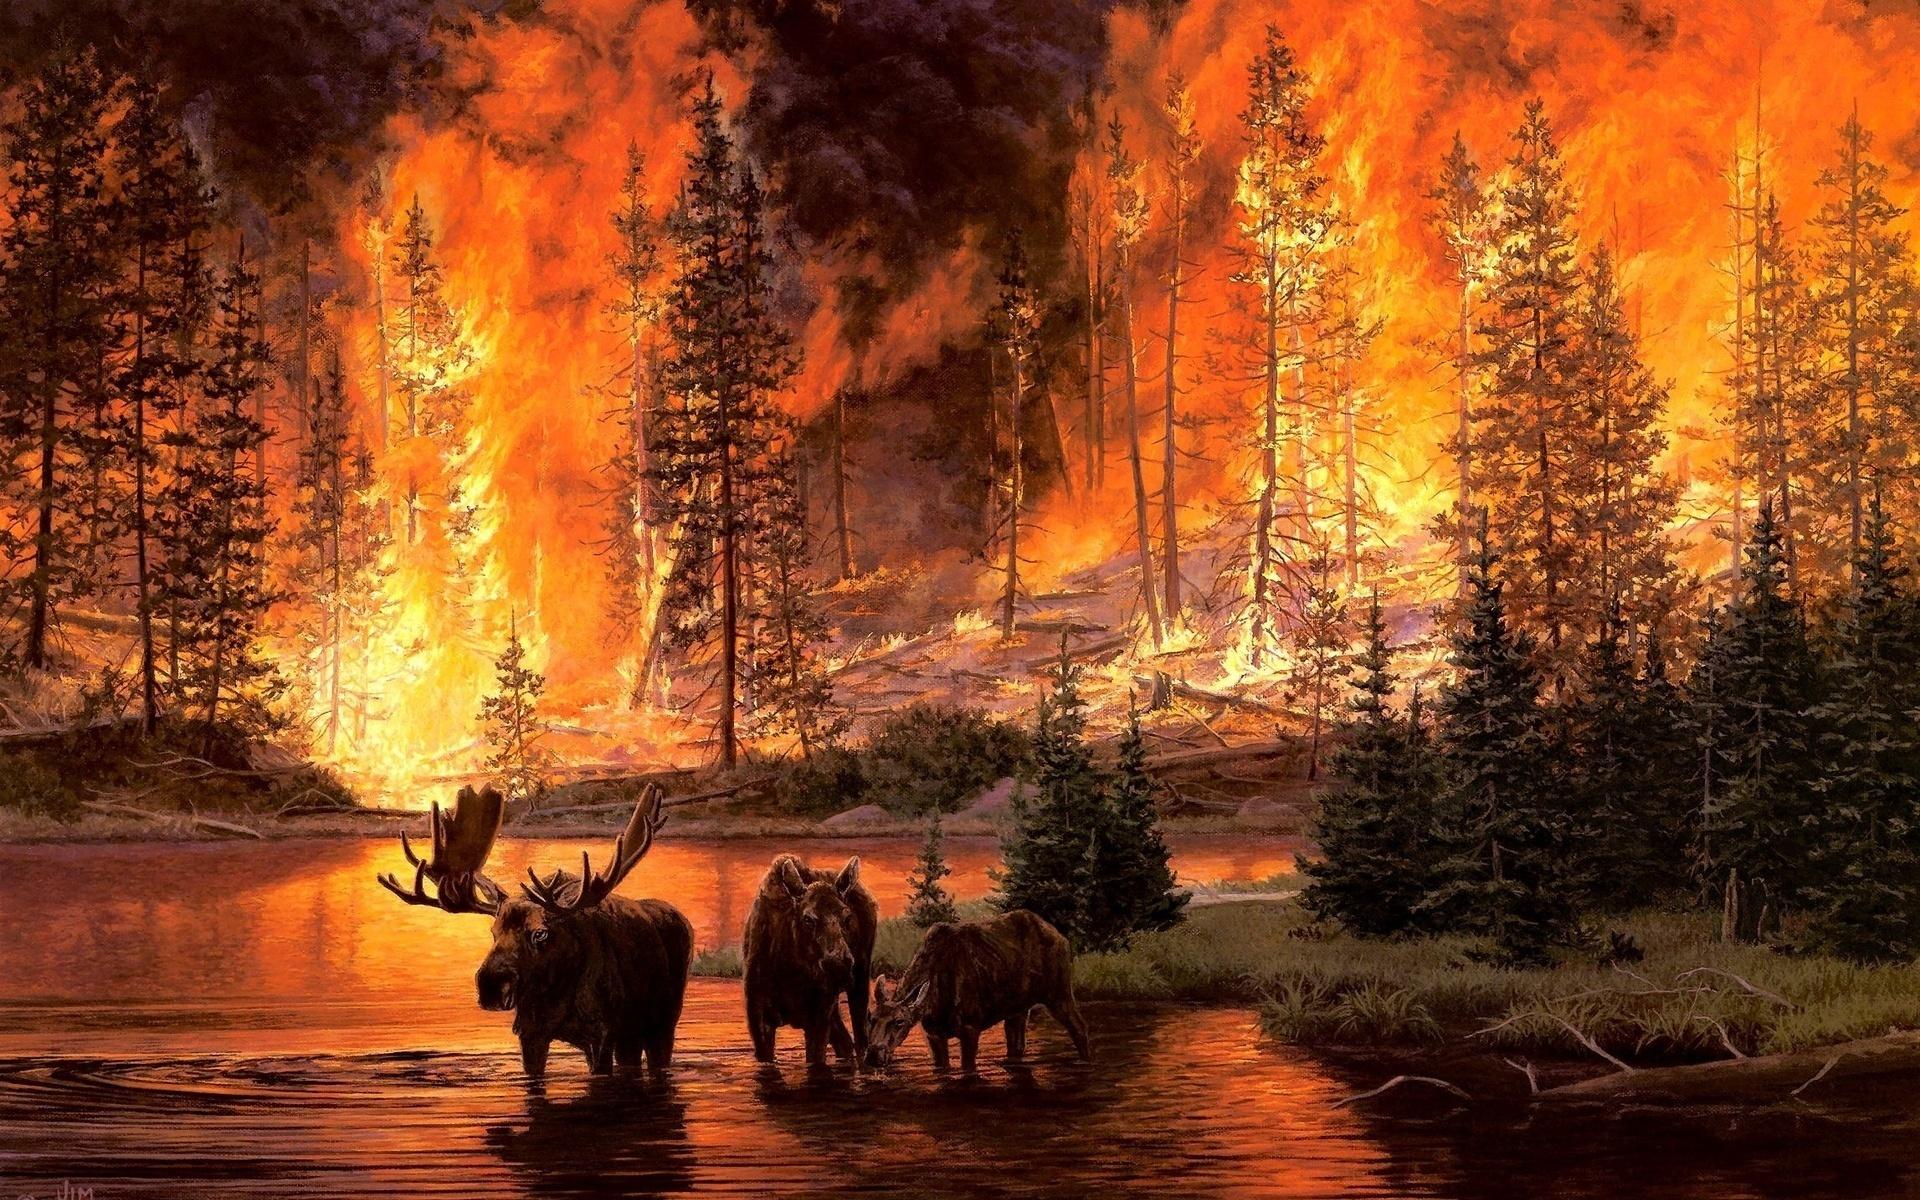 Картинки огня в лесу